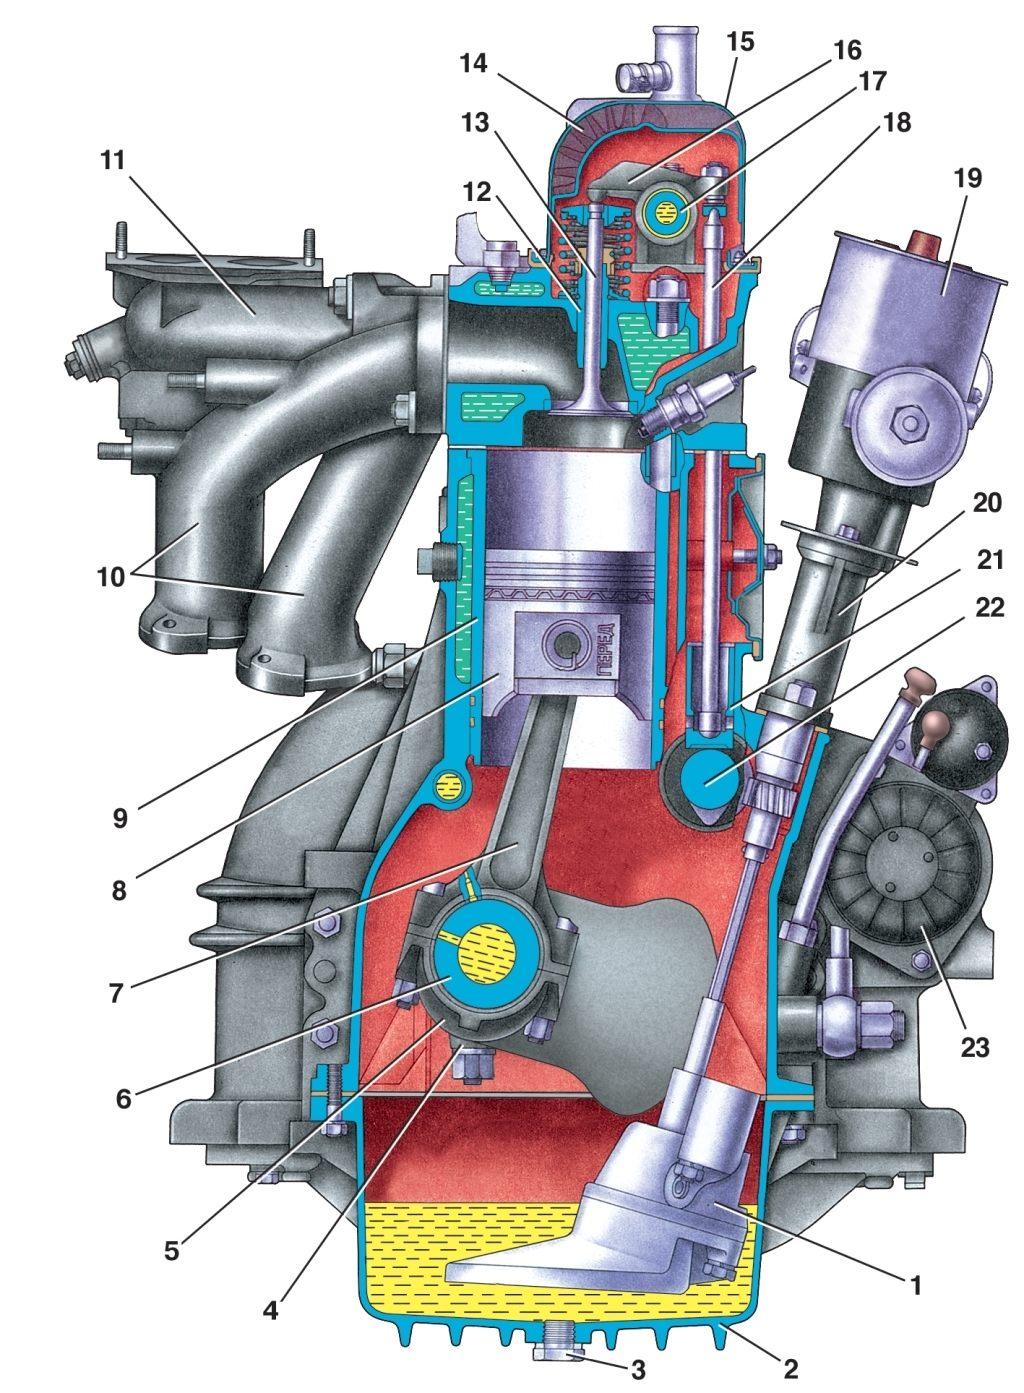 Поперечный разрез двигателей мод.  ЗМЗ-4025 и ЗМЗ-4026.